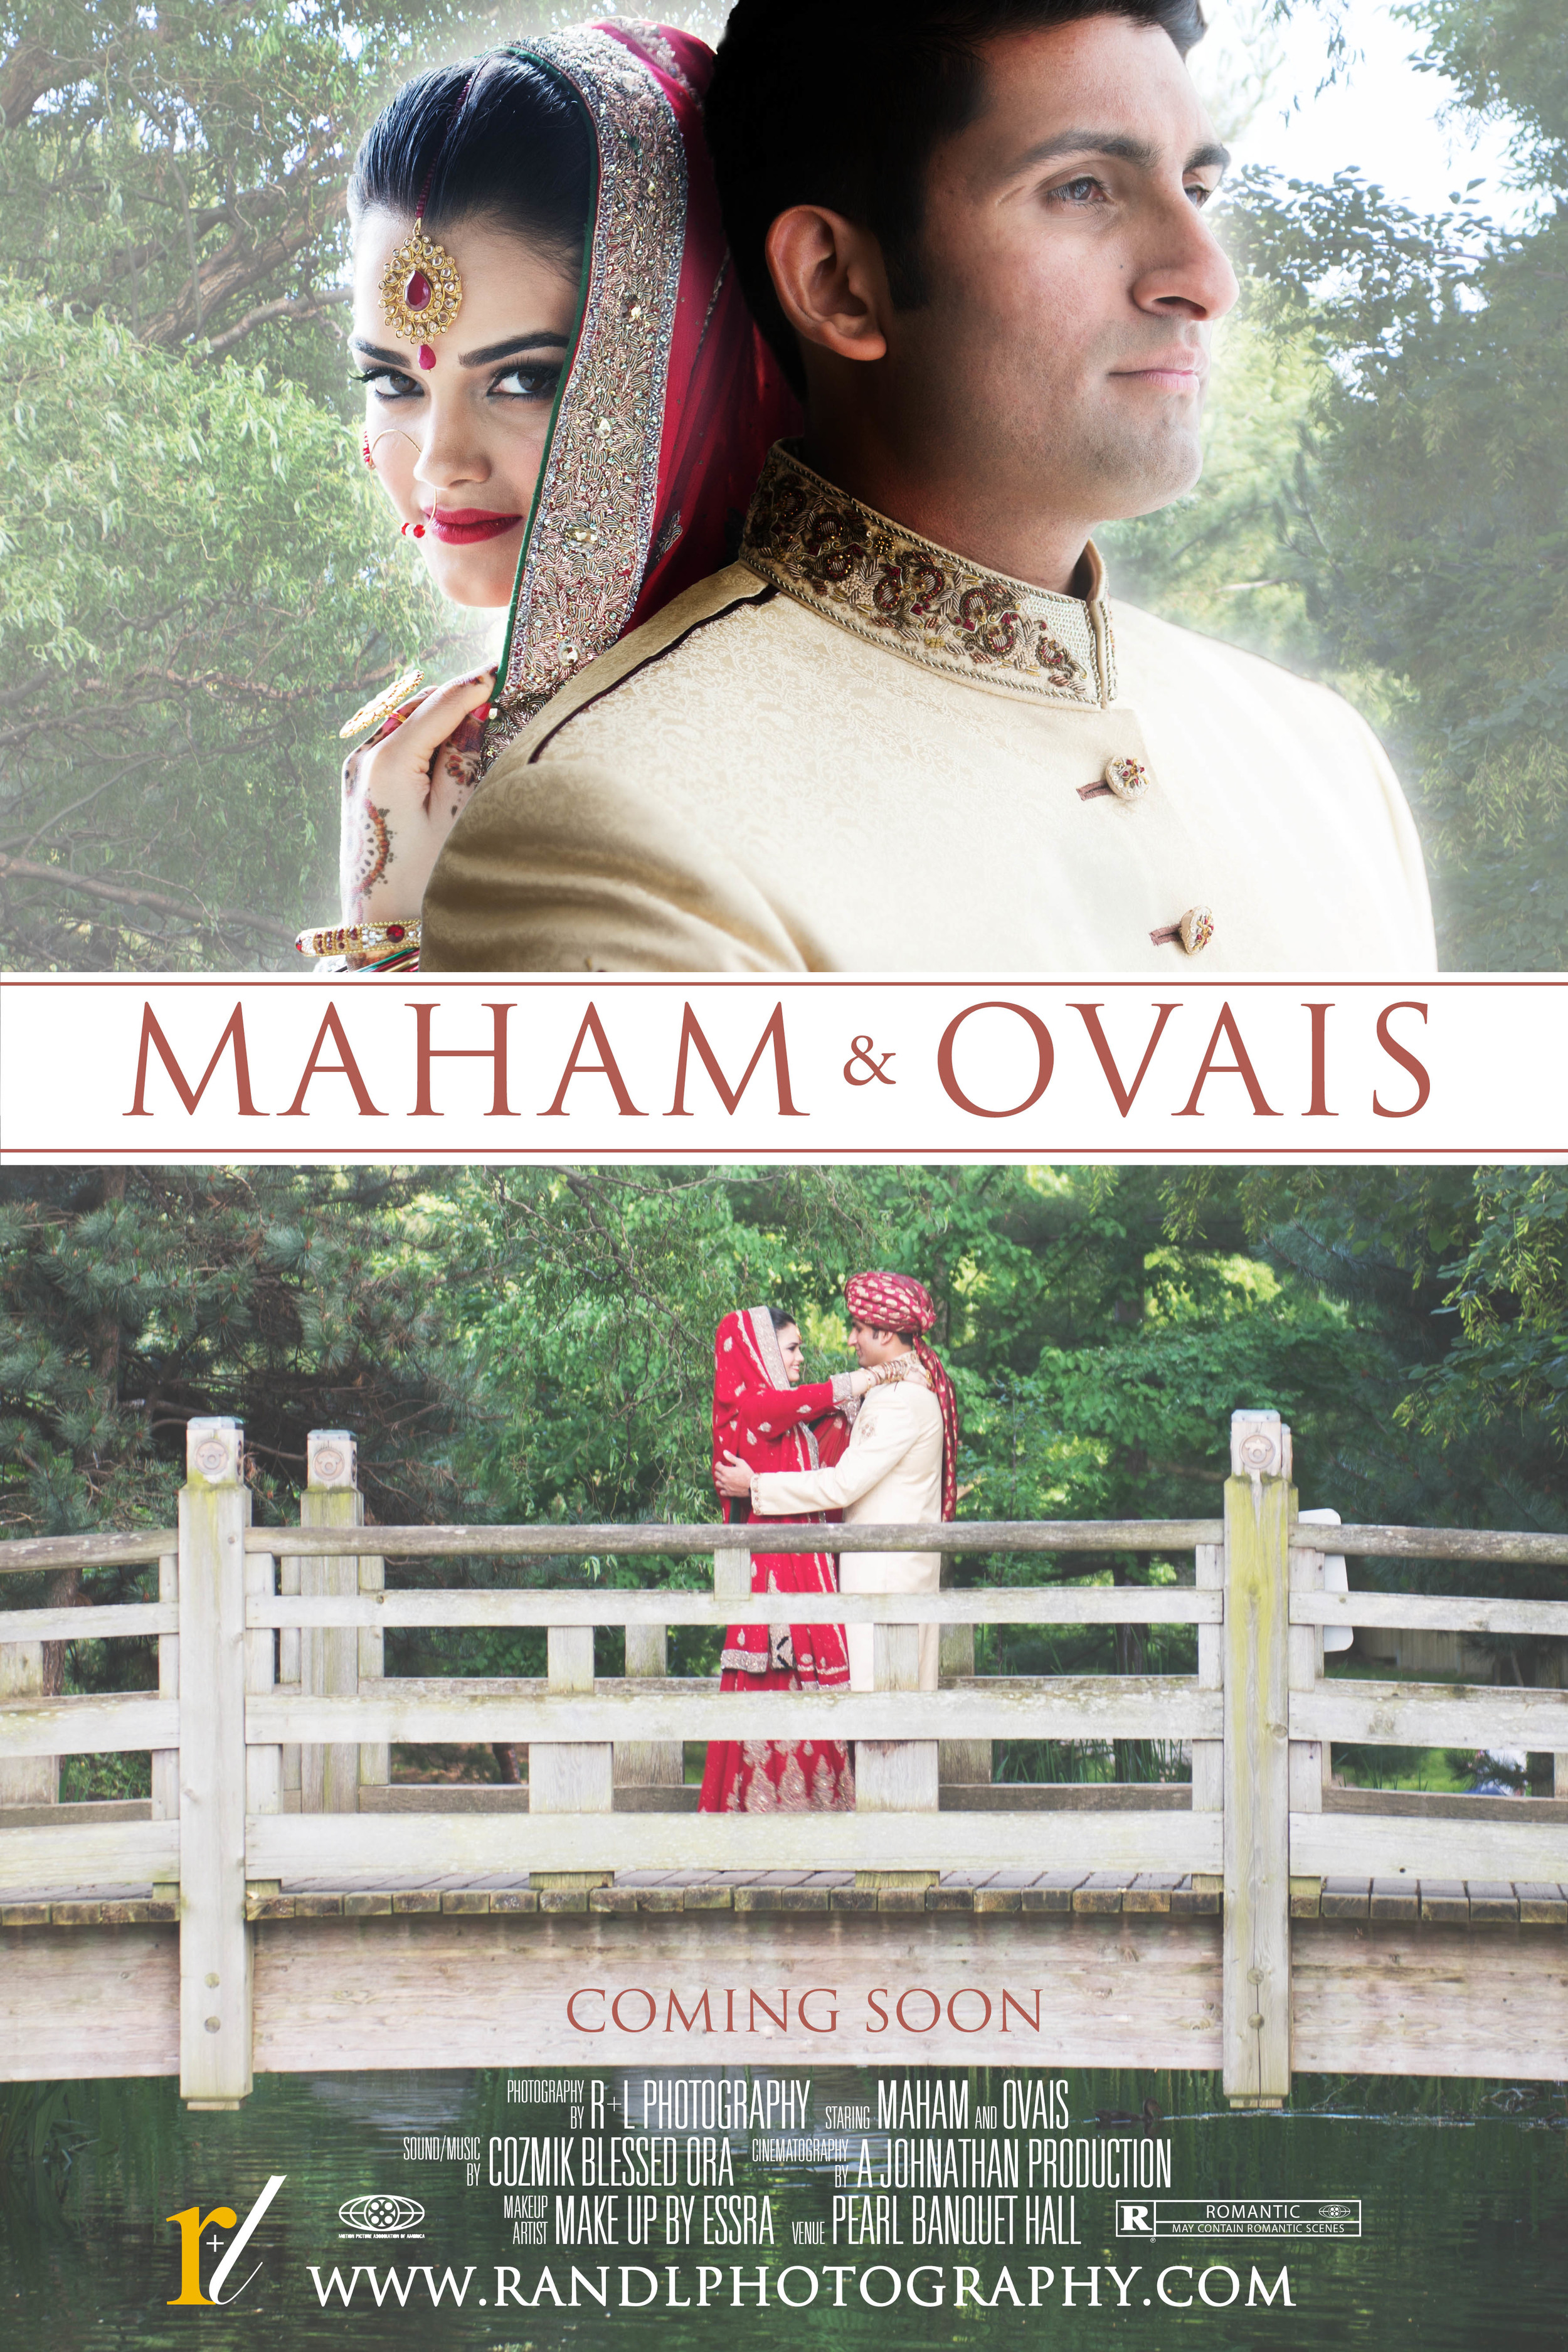 Maham + Ovais Wedding Poster